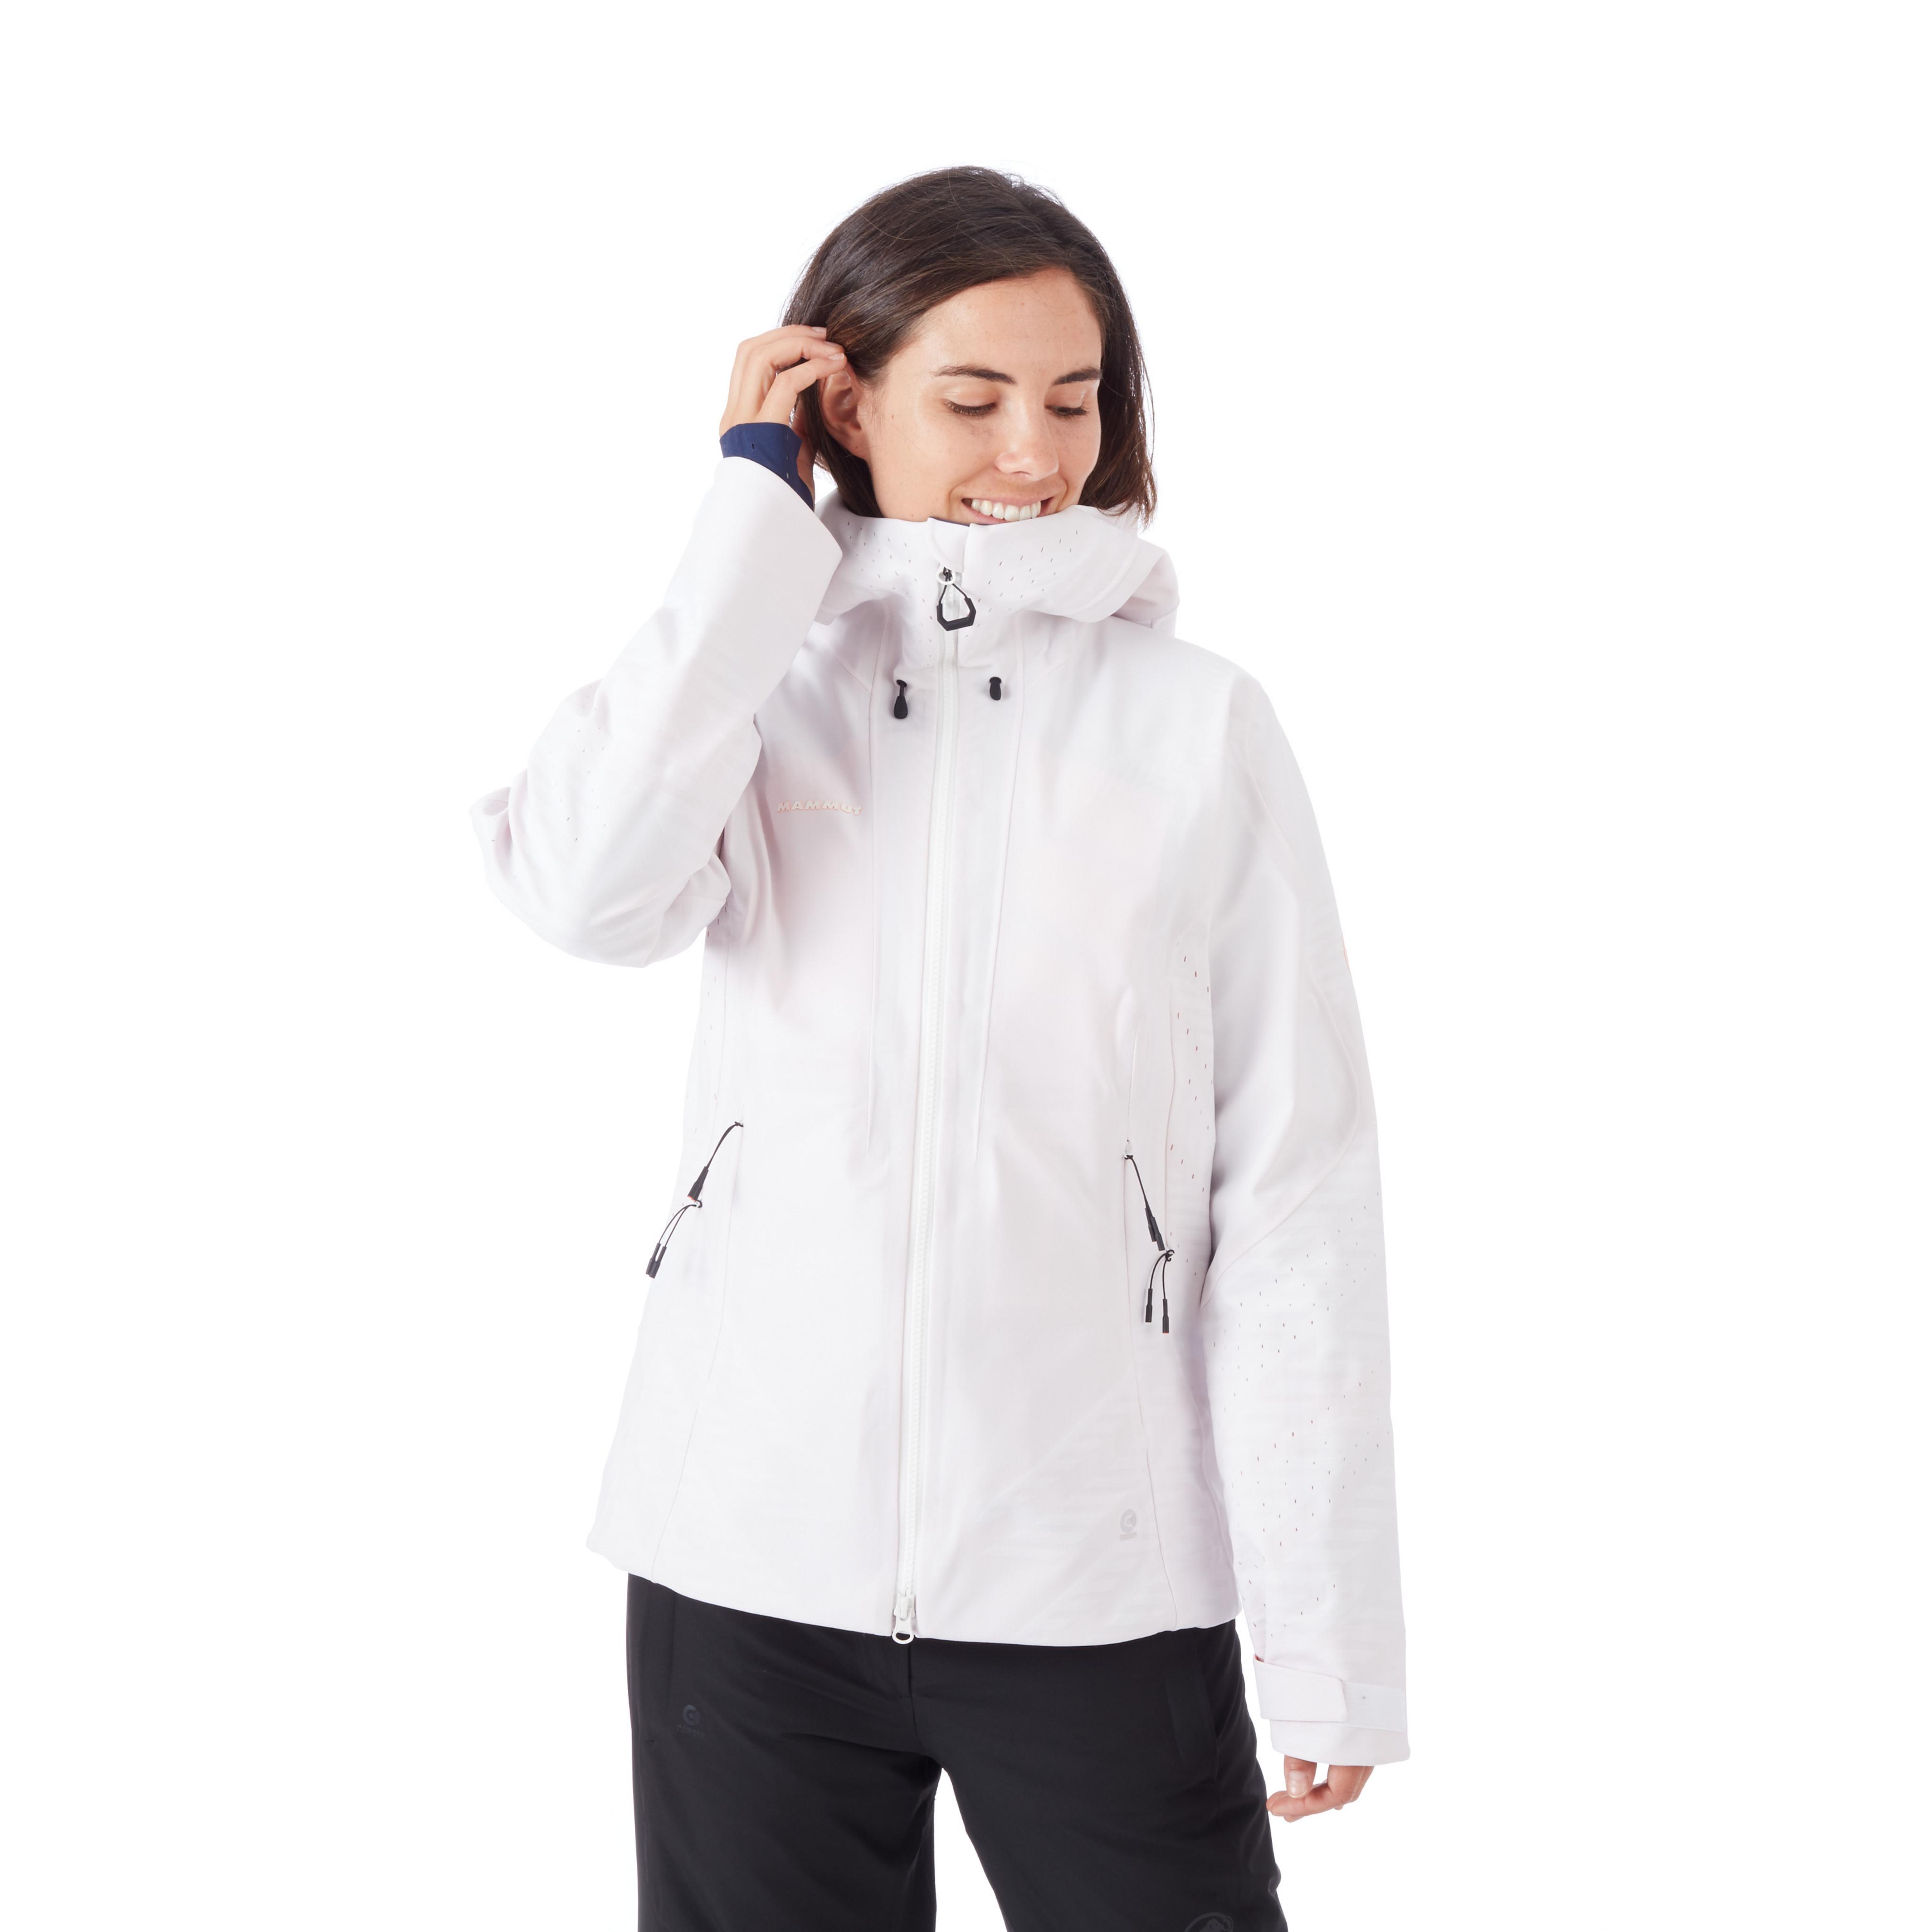 SOTA HS Hooded Jacket Women product image